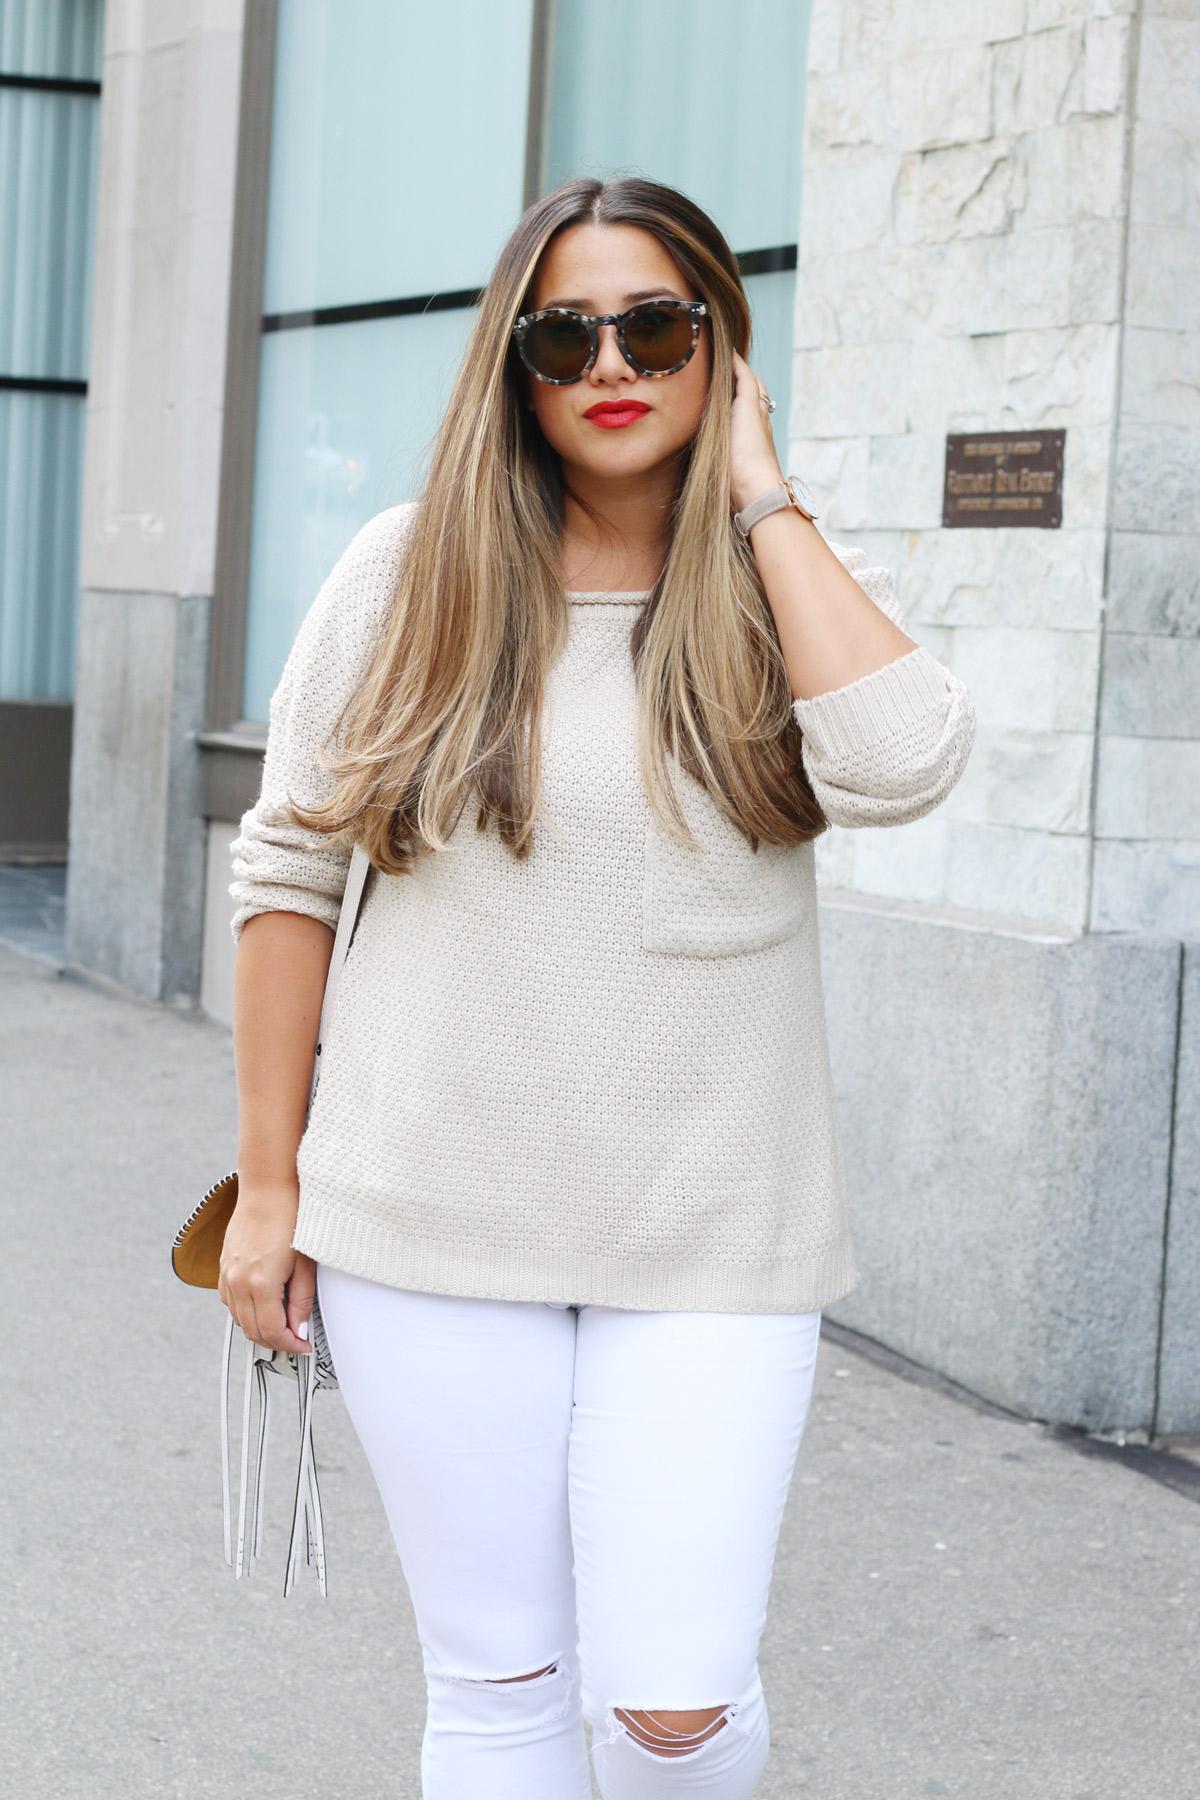 8de0dad1 ¿Cómo usar jeans blancos si soy gordita? | RPP Noticias